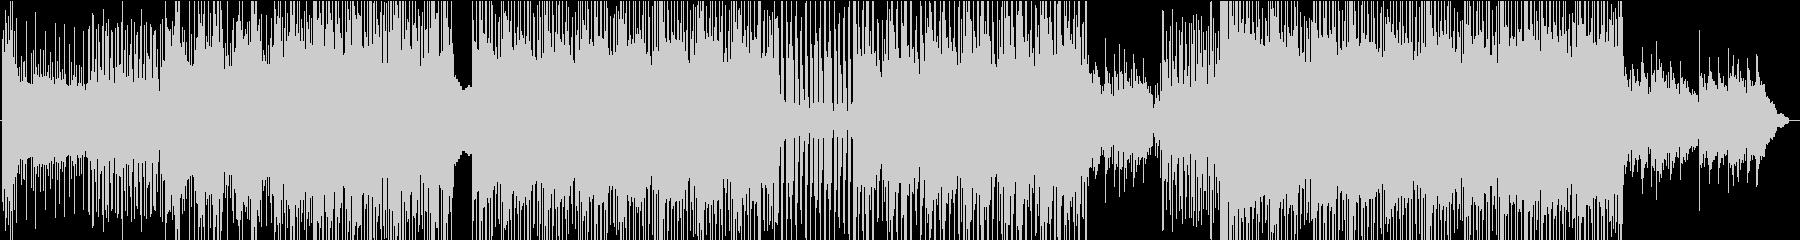 90年代風シティポップの未再生の波形